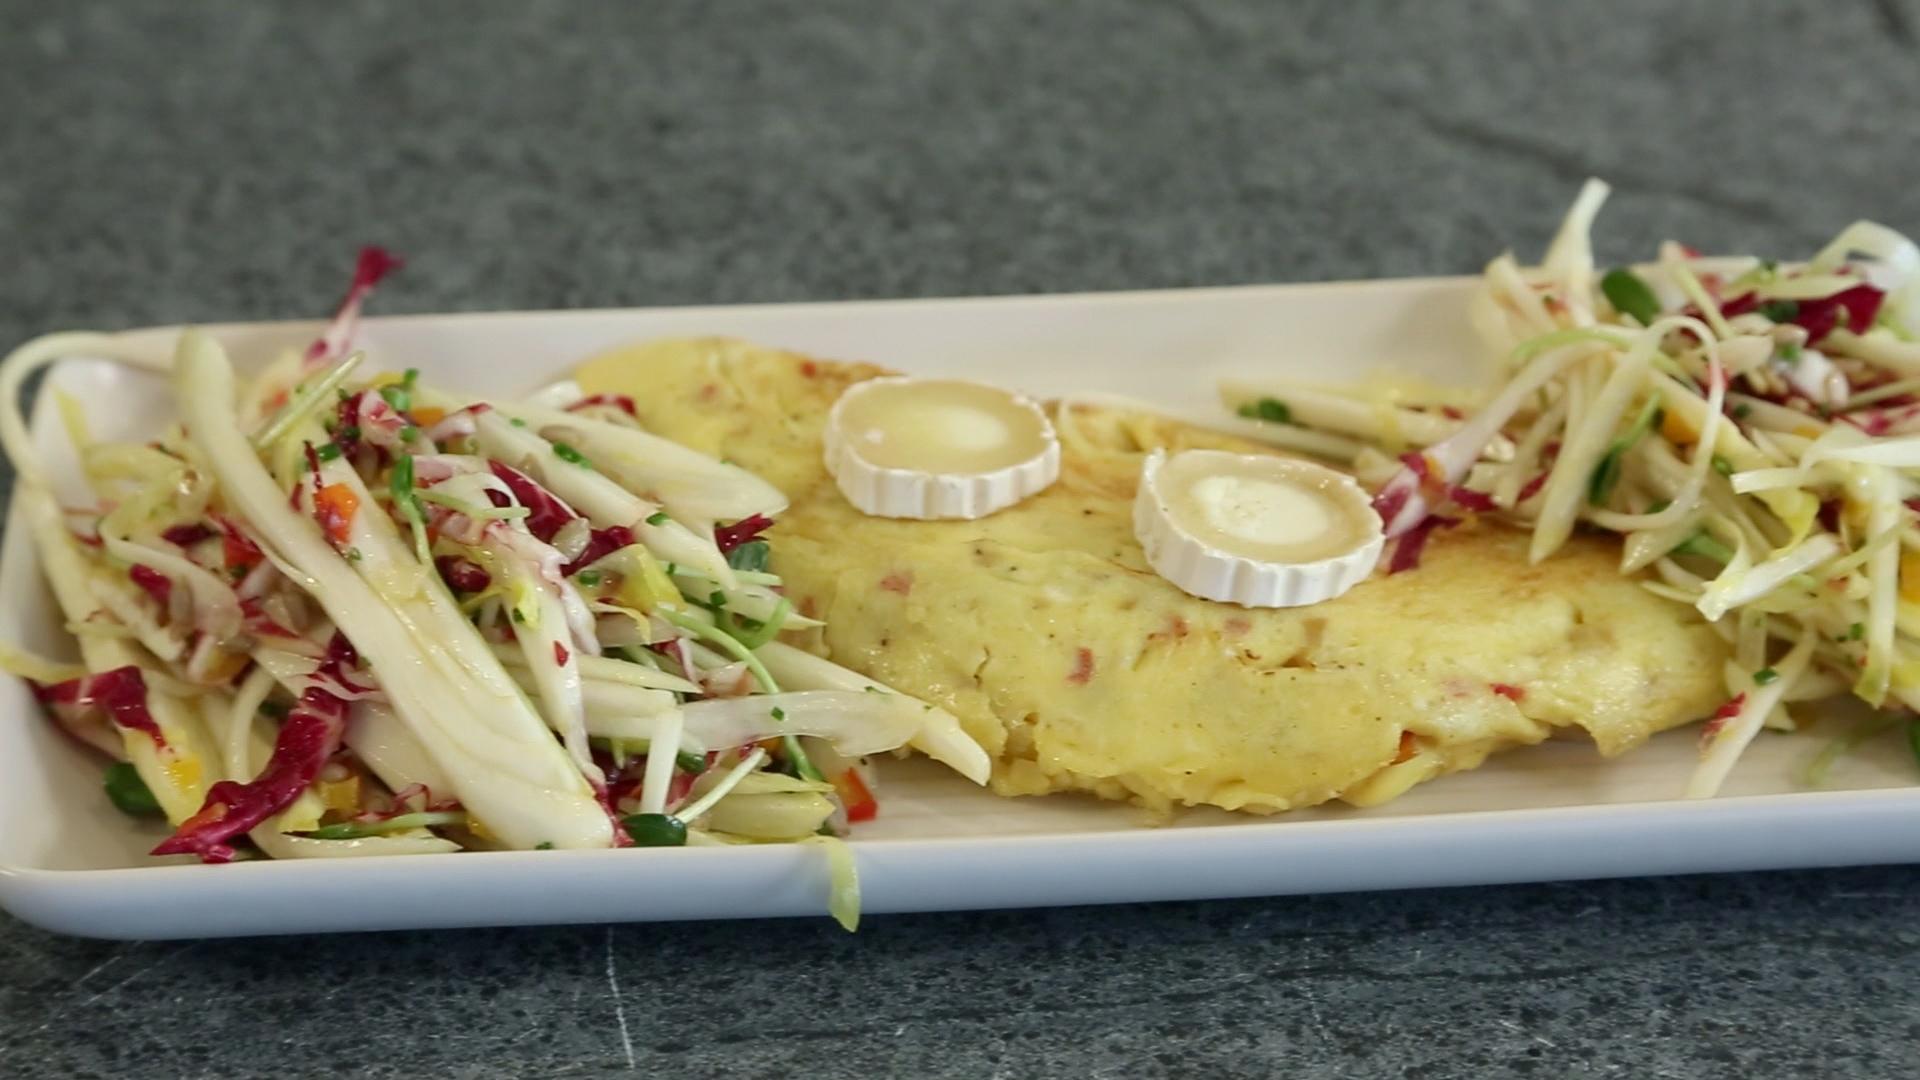 La cuisine par arnaud marchand omelette aux poivrons confits et ch vre for Marchand de cuisine